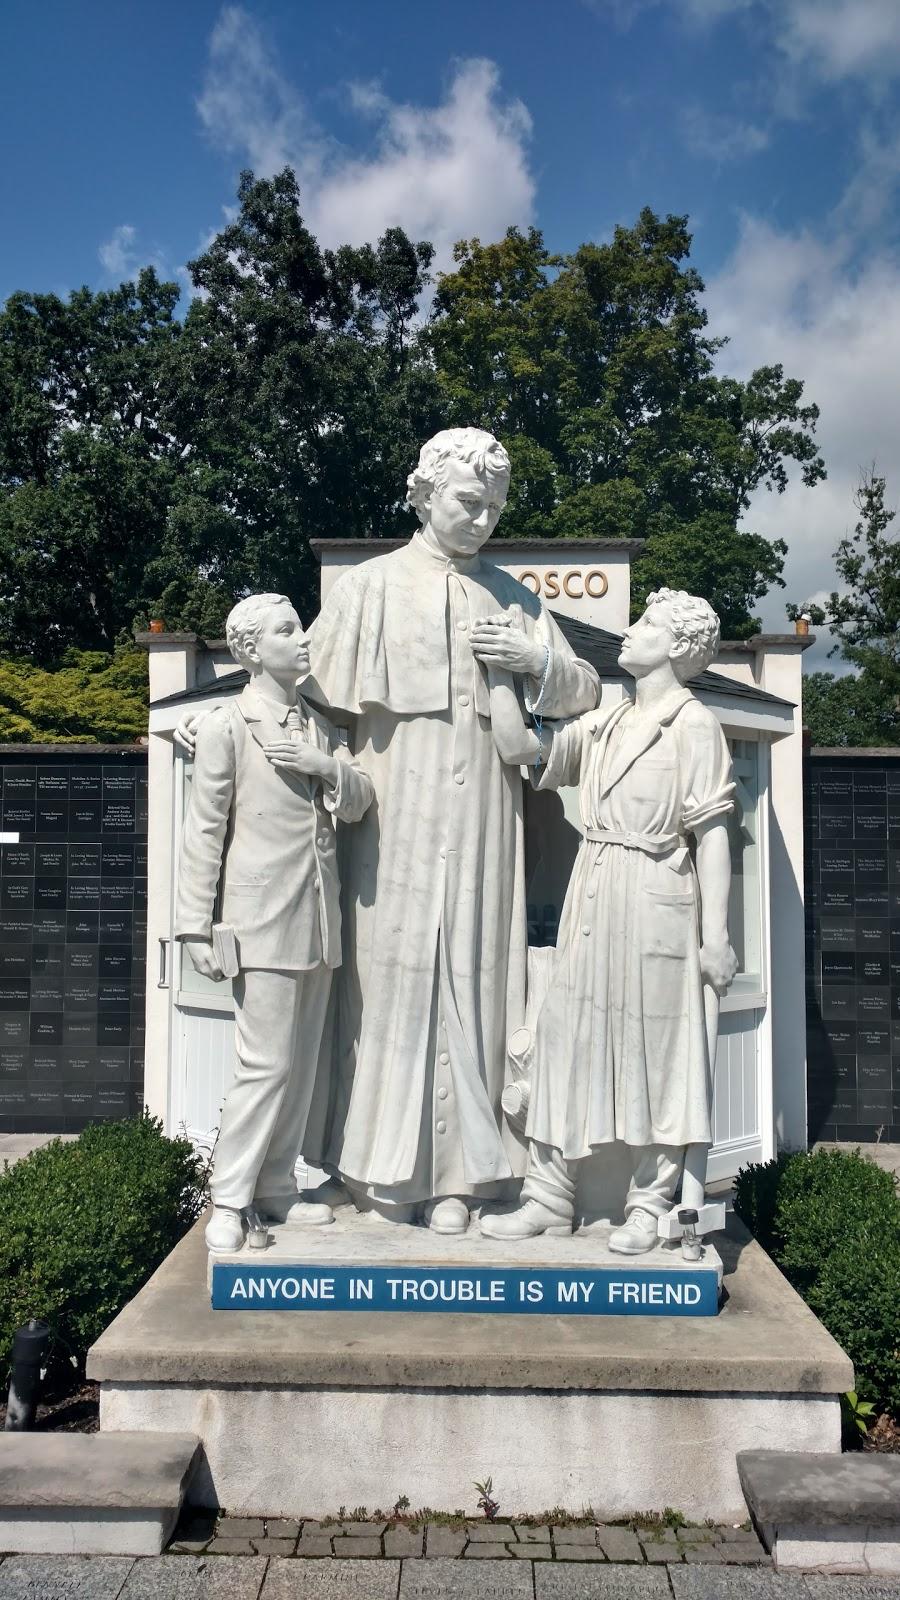 Mary Help Of Christians Catholic Chapel - church  | Photo 6 of 10 | Address: 174 Filors Ln, Stony Point, NY 10980, USA | Phone: (845) 947-2200